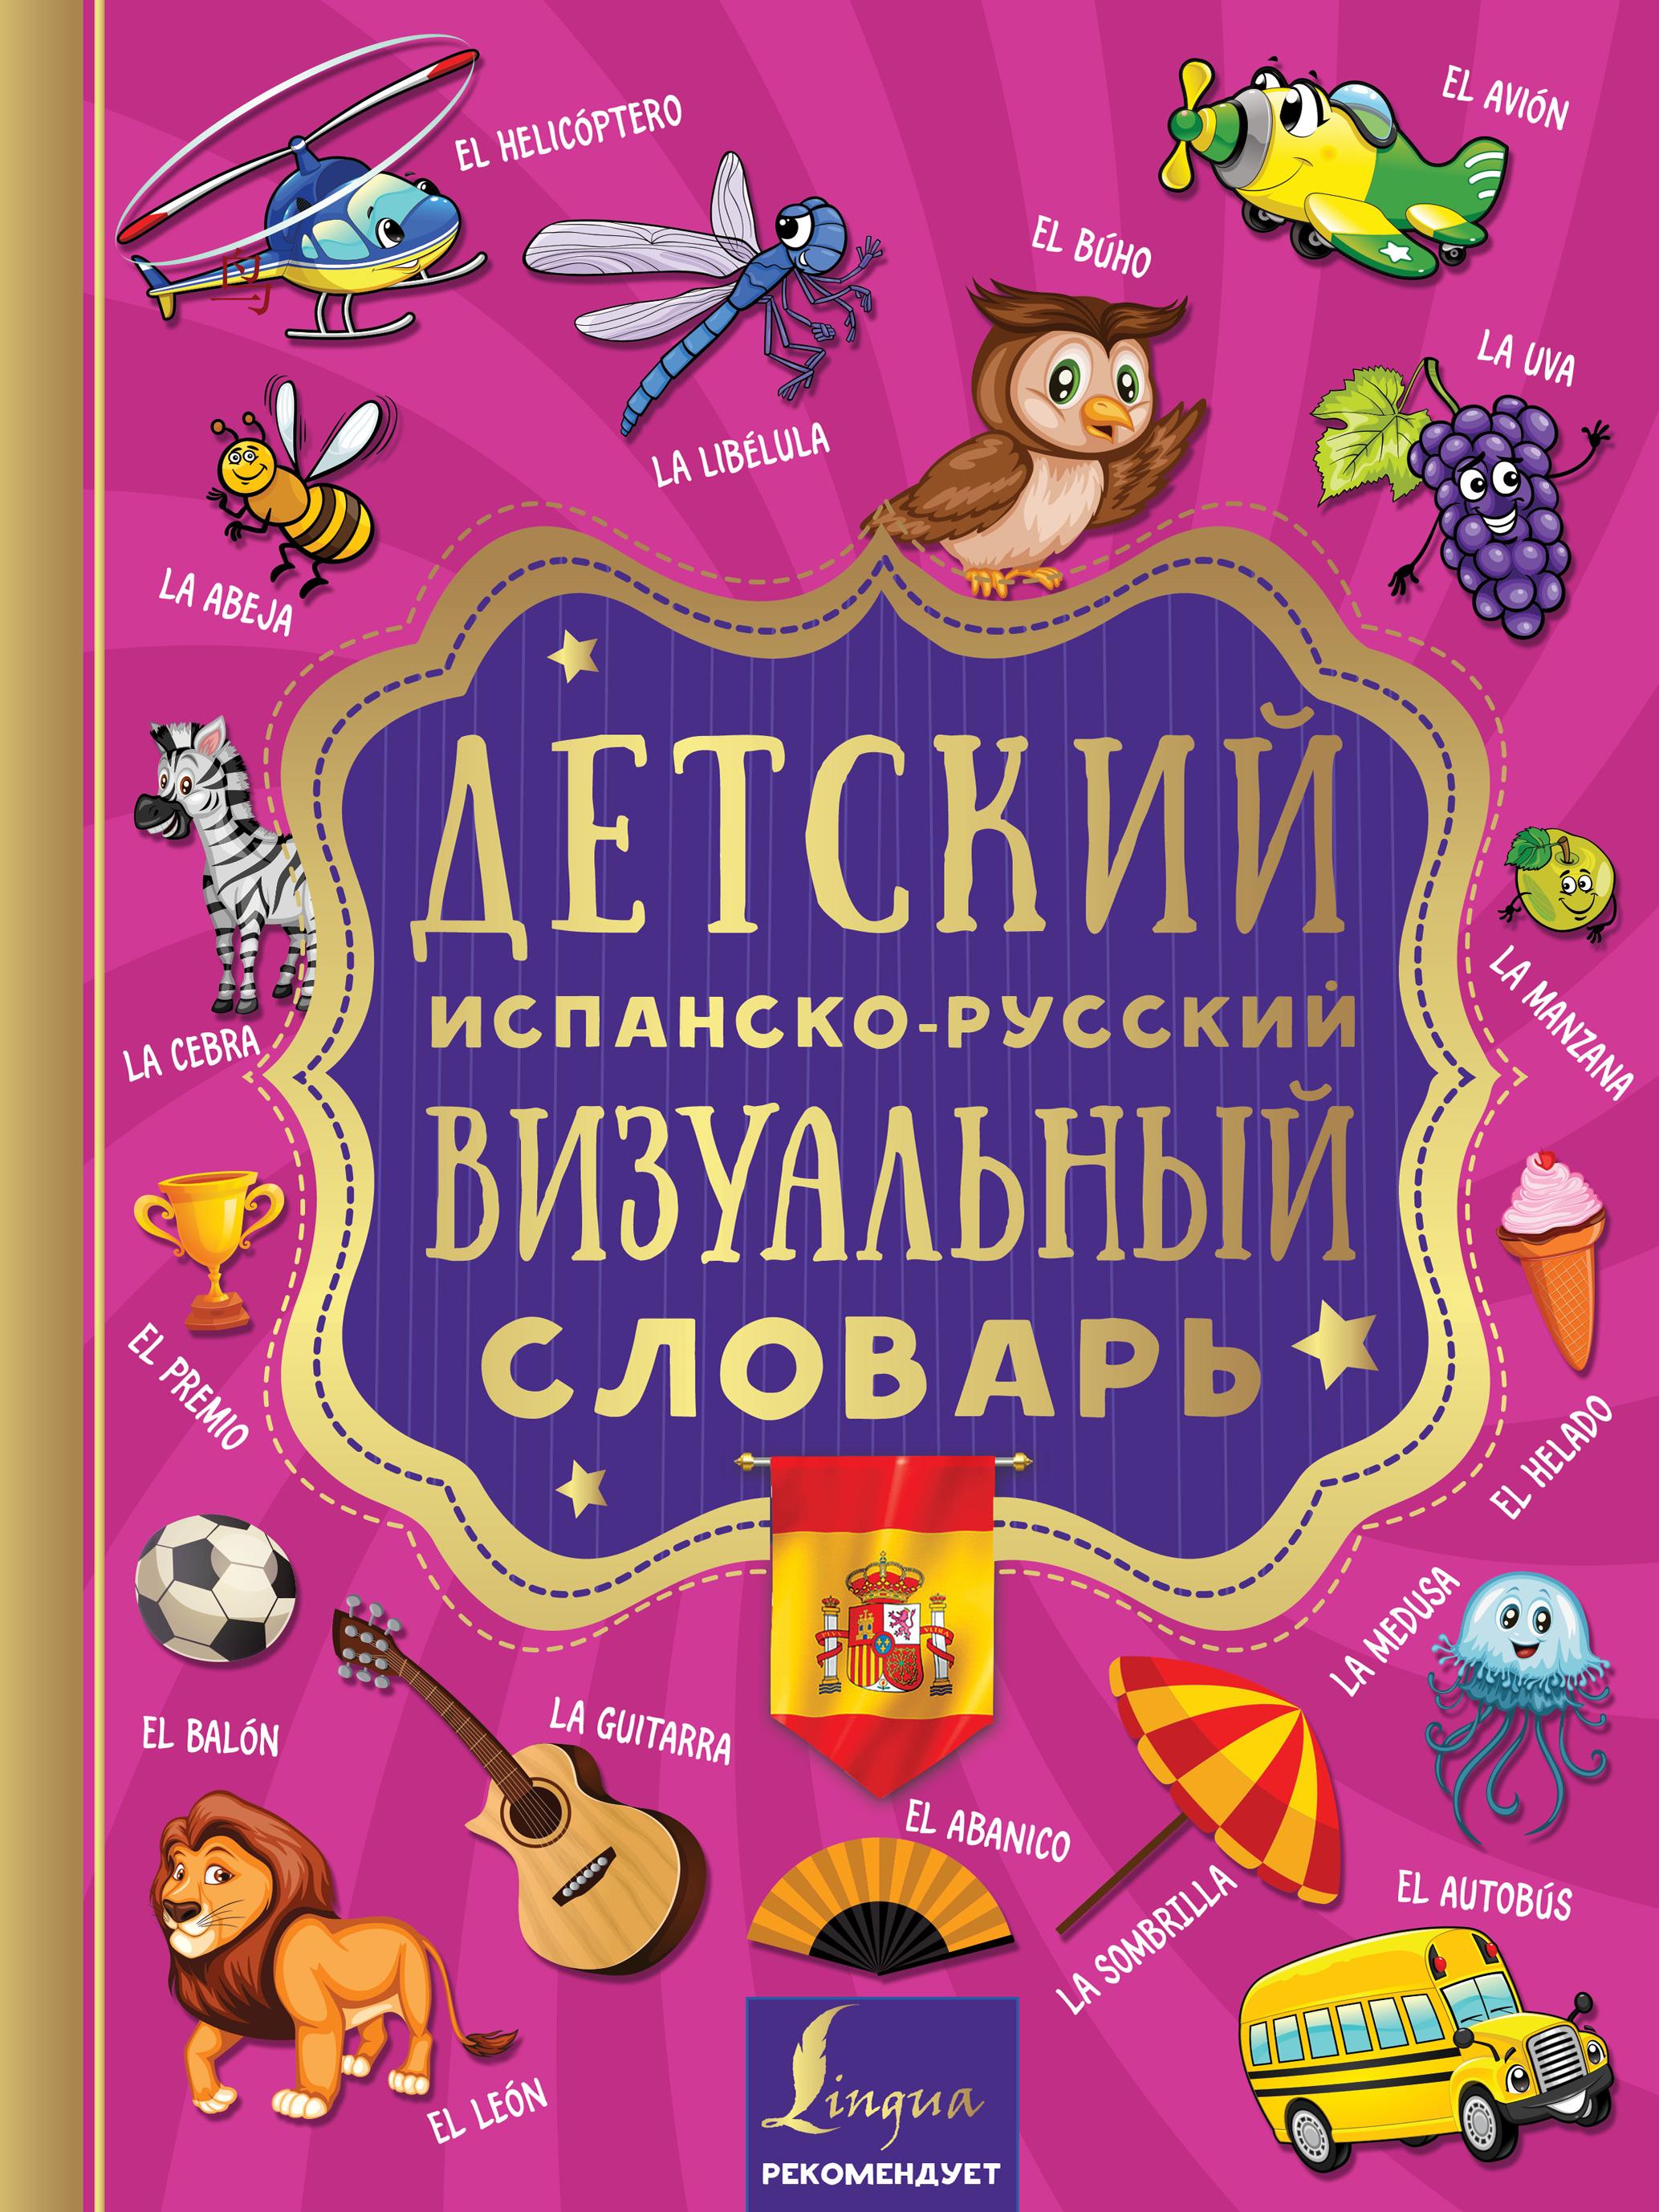 Отсутствует Детский испанско-русский визуальный словарь